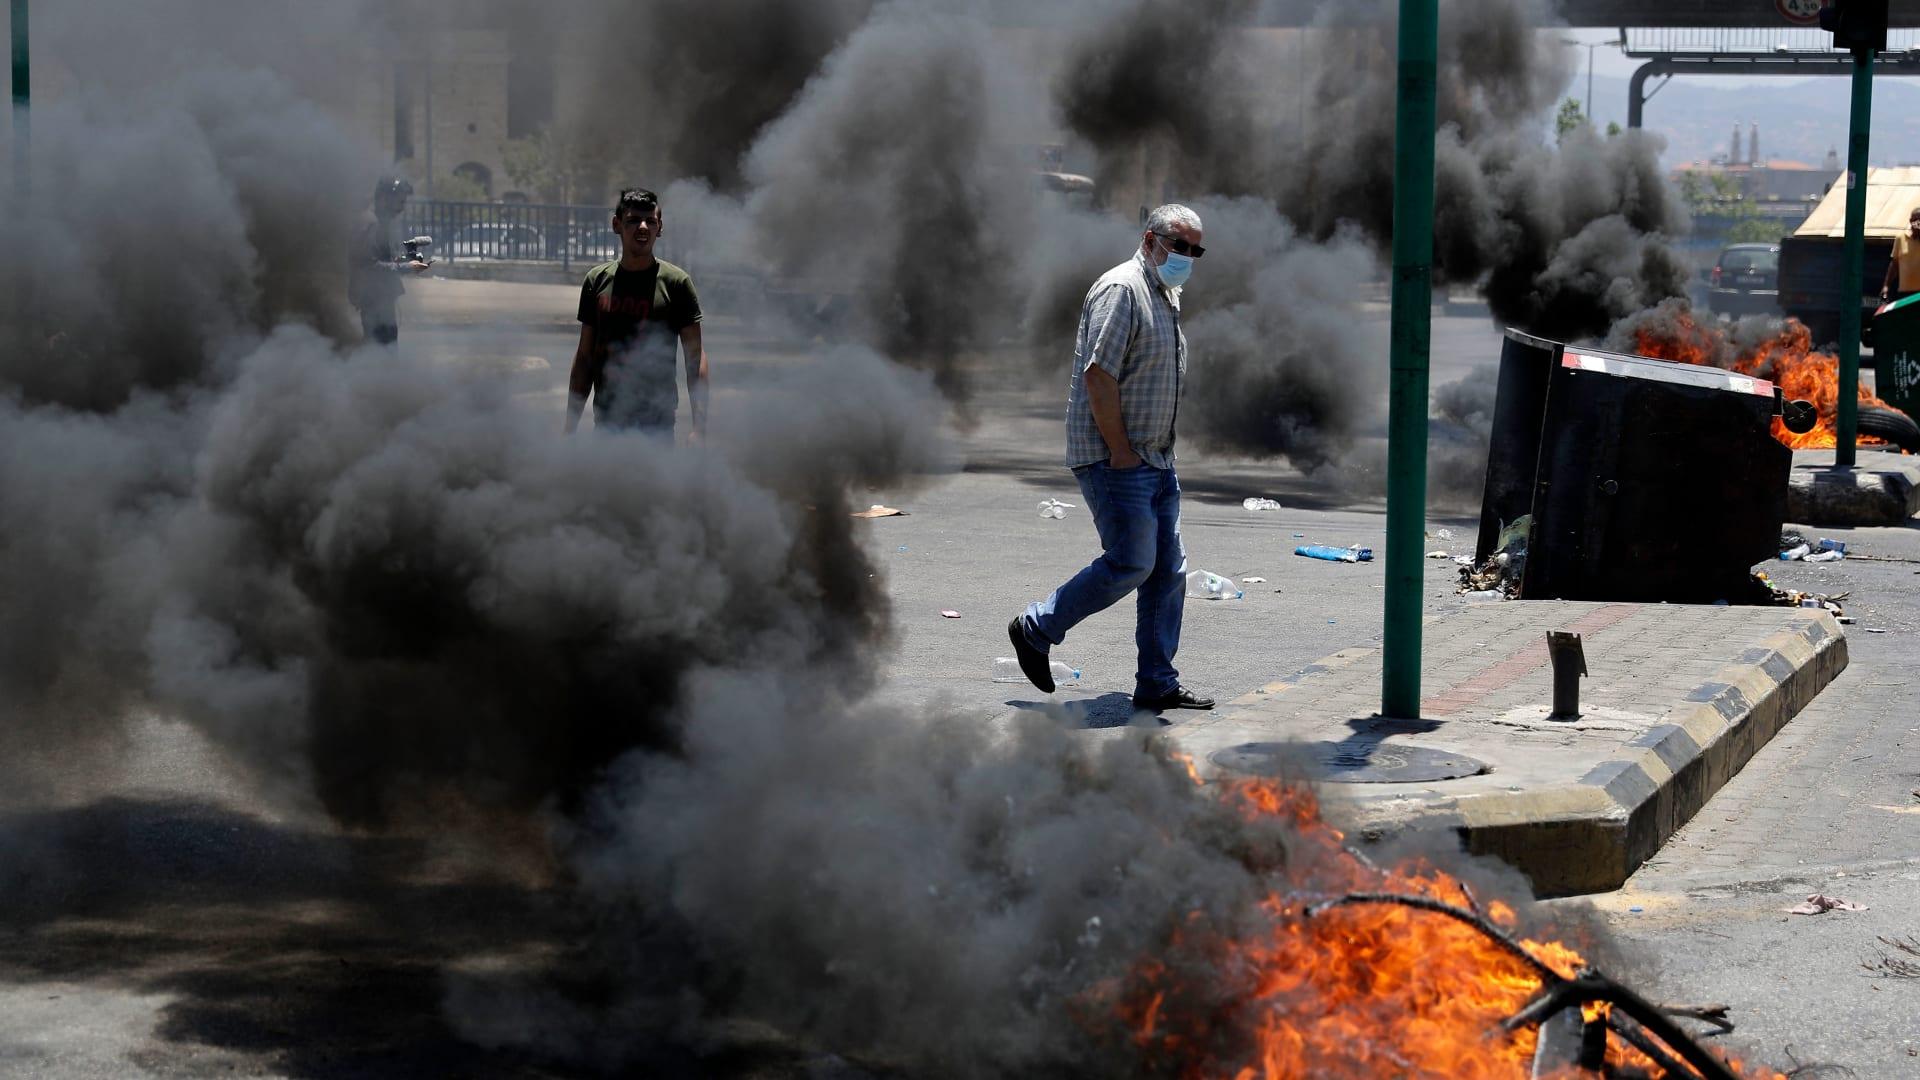 متظاهرون لبنانيون يغلقون الشوارع في بيروت بإطارات محترقة احتجاجا على تدهور الوضع الاقتصادي في البلاد، 17 يونيو 2021